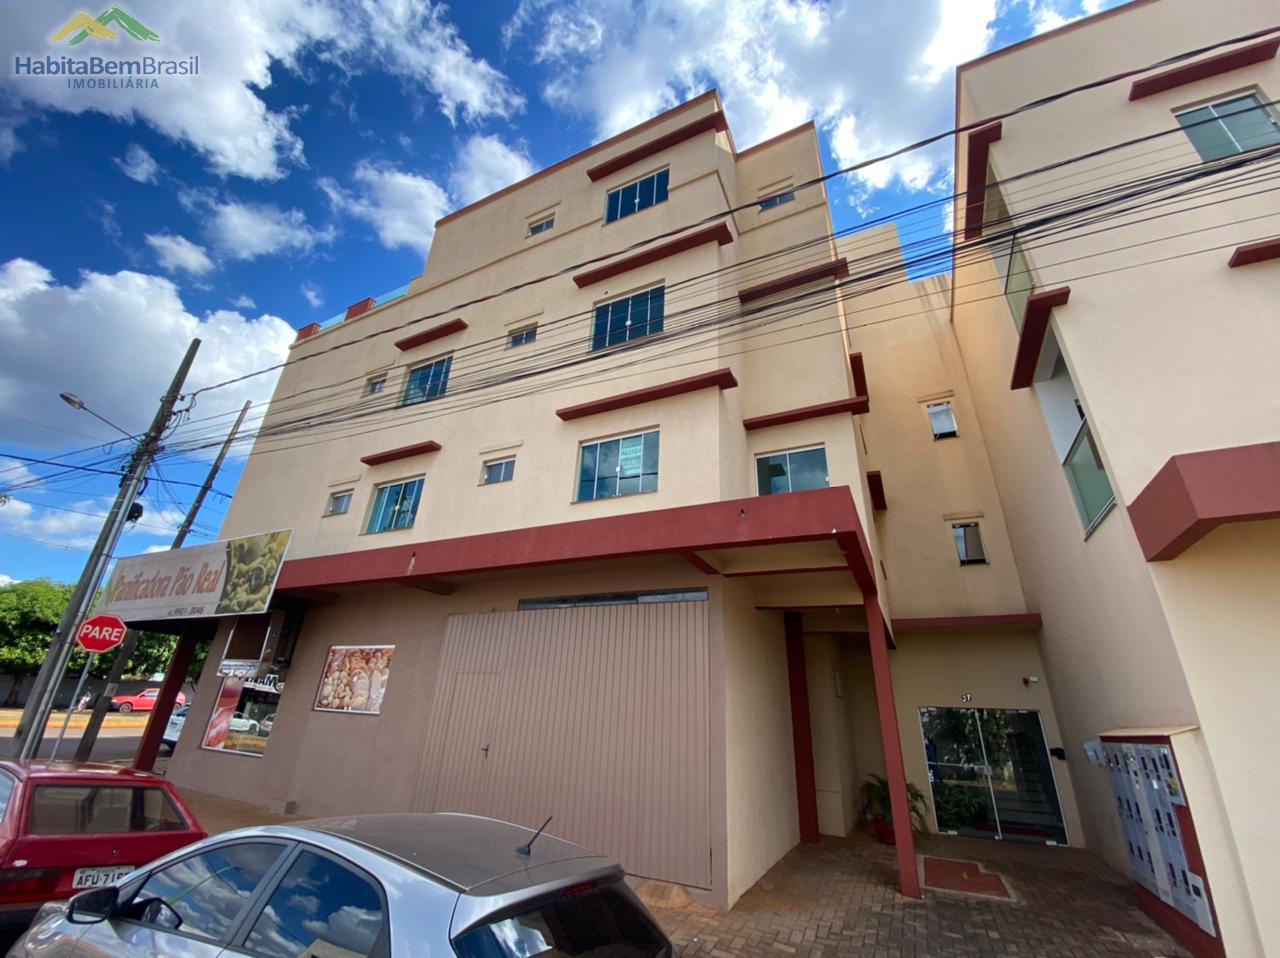 Apartamento com 3 dormitórios à venda,183.10m², JARDIM TOCANTINS, TOLEDO - PR